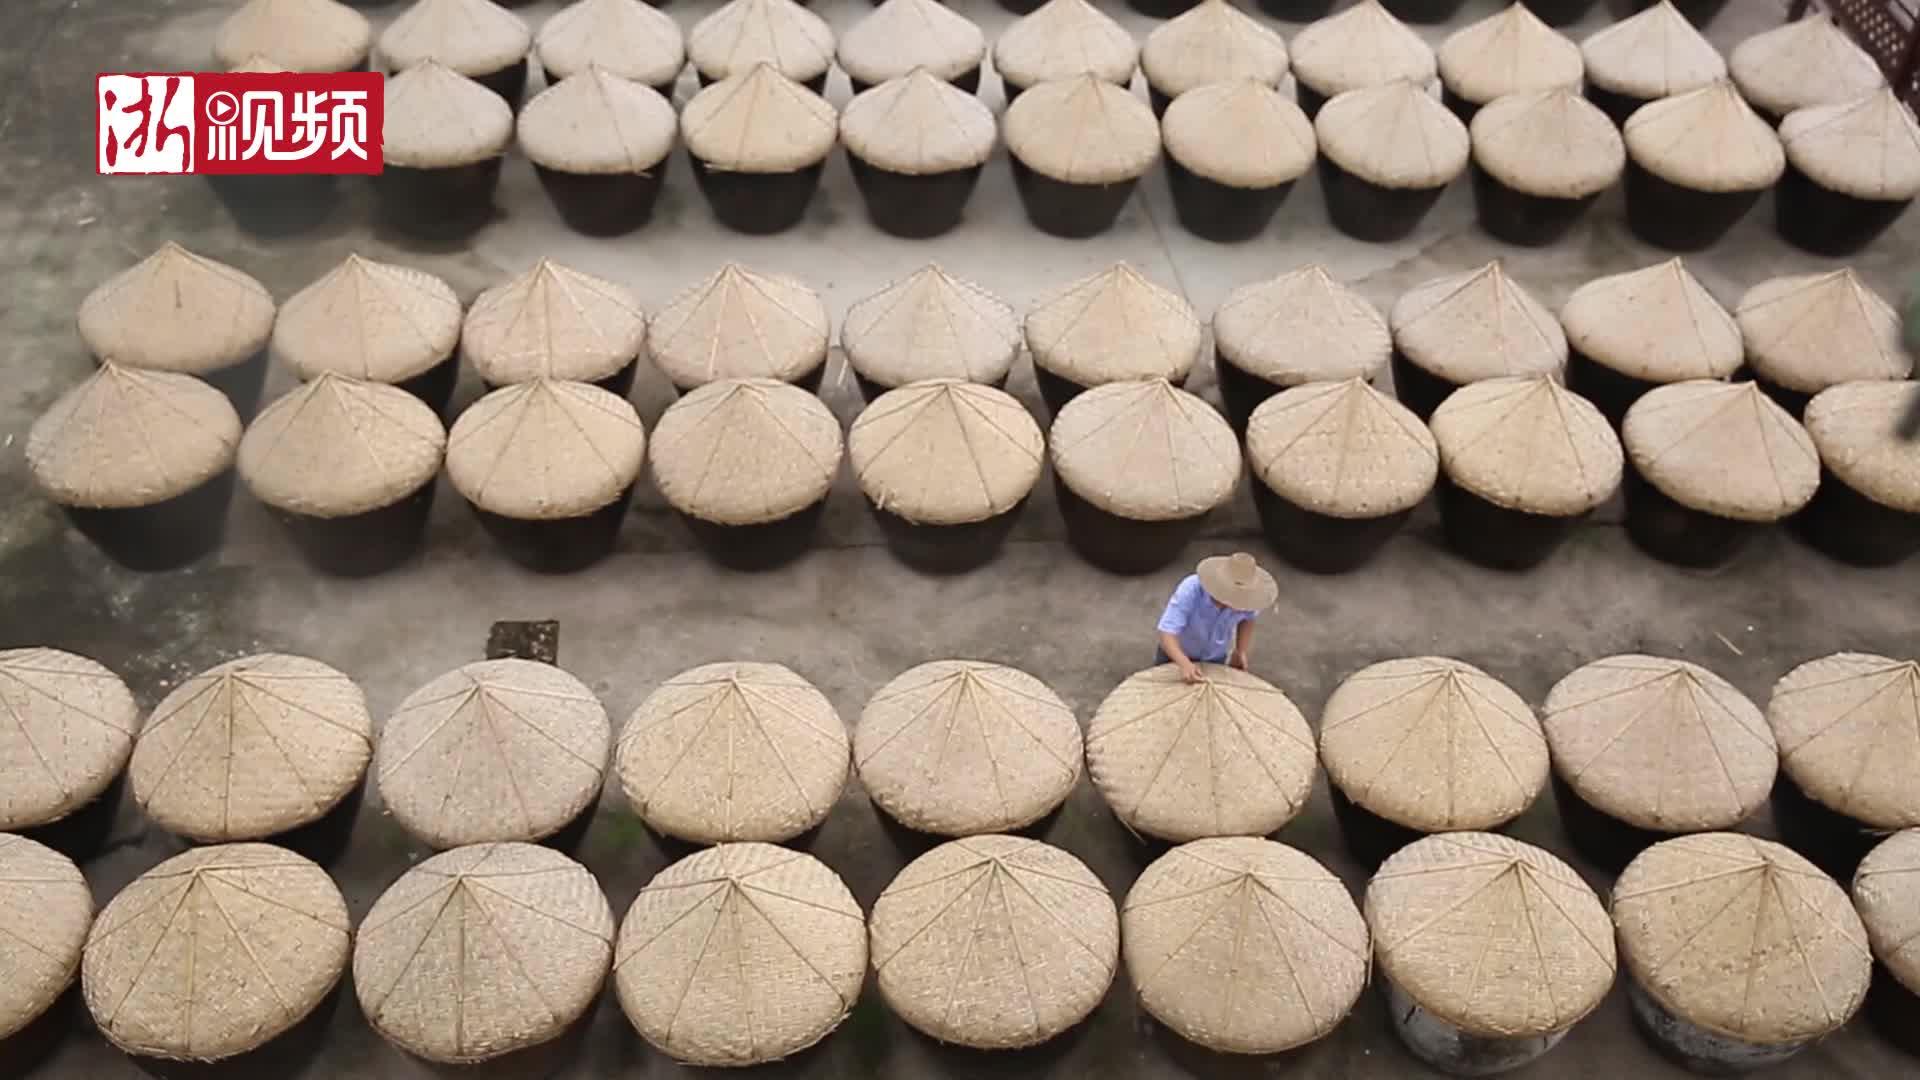 夏日忙晒酱 海盐匠人守护传统手工酿造技艺20年